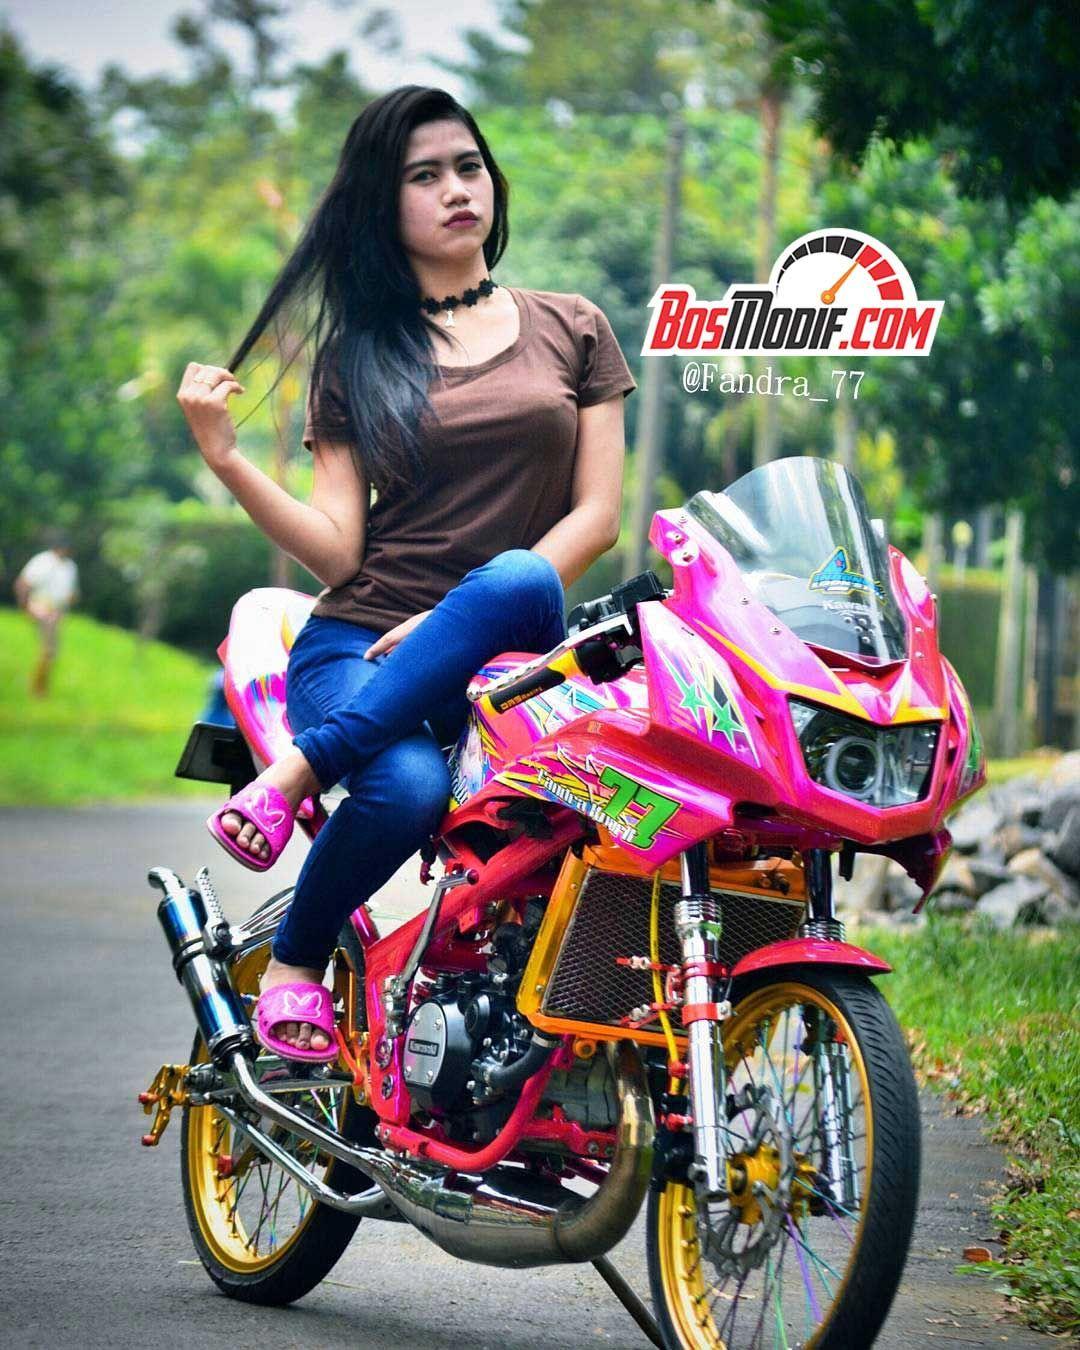 Gambar Foto Modifikasi Motor Kawasaki Ninja Dan Cewek Keren